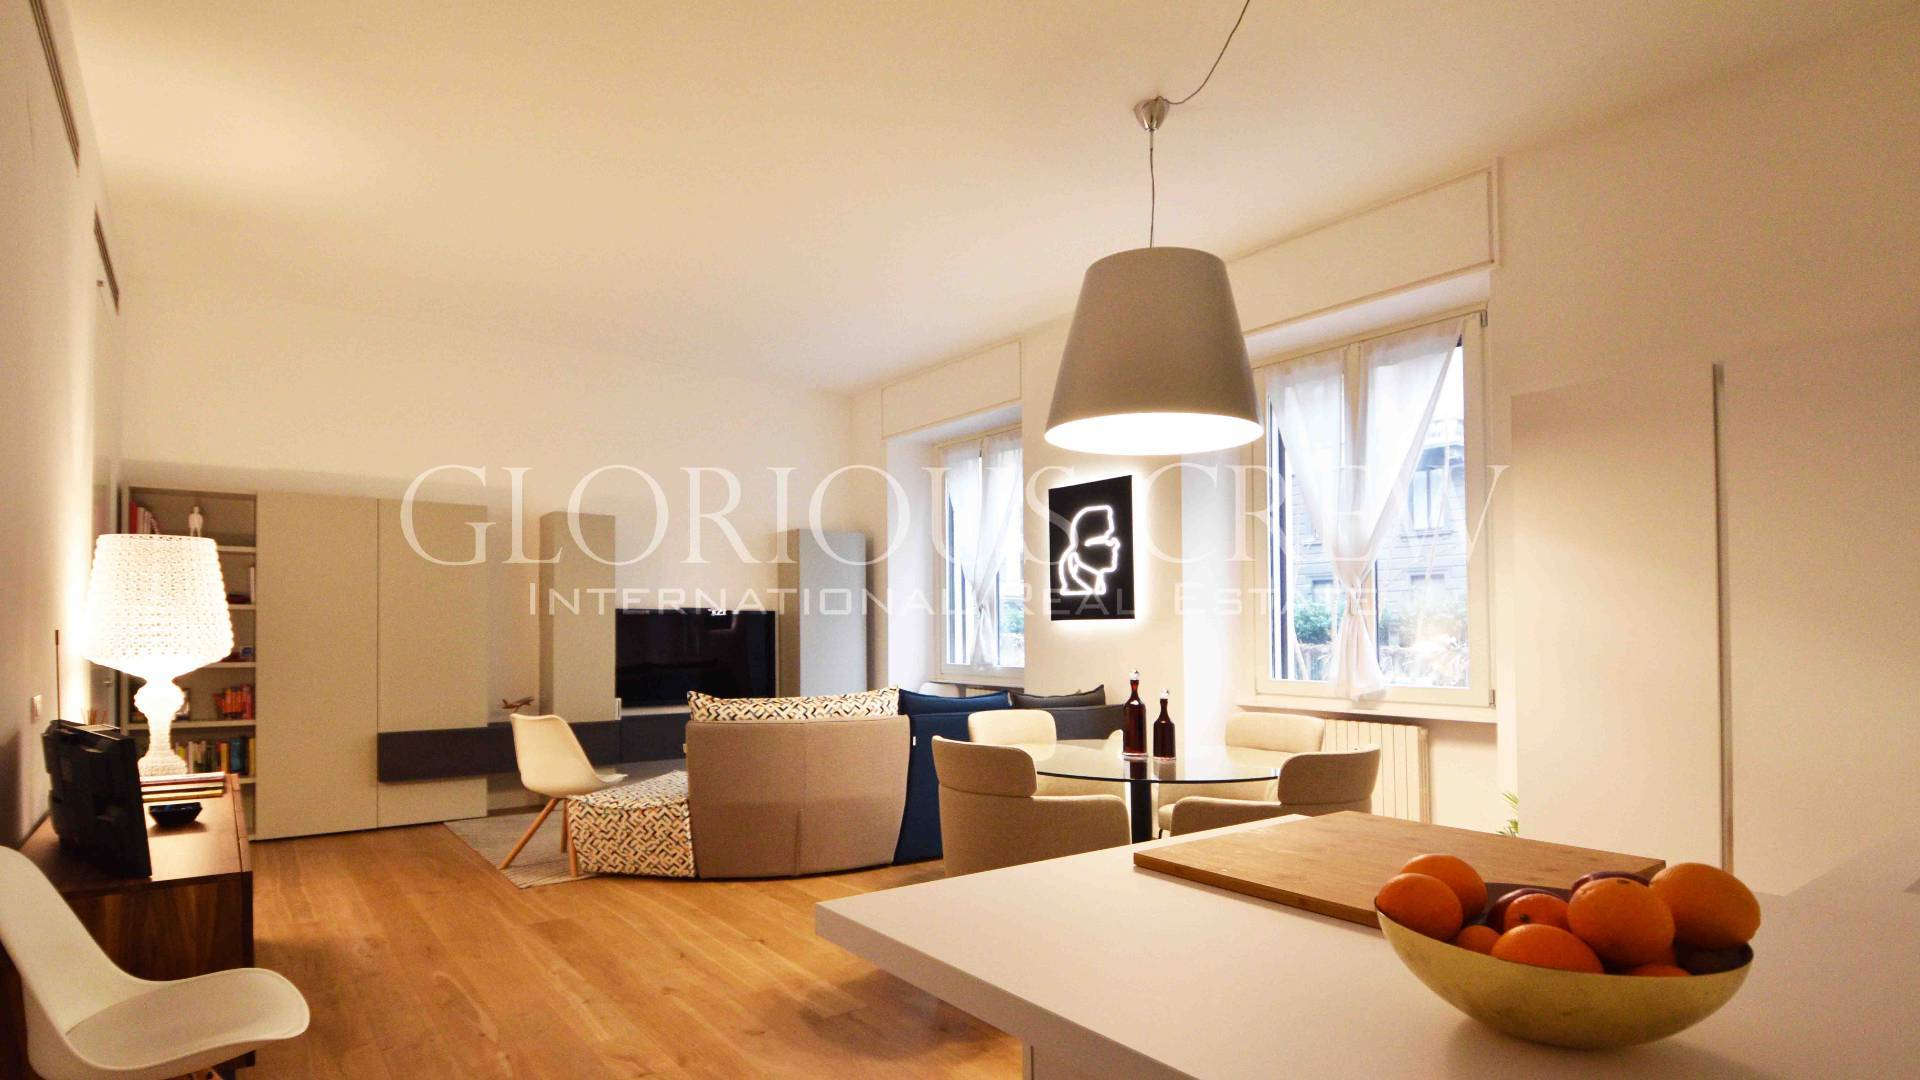 Appartamento in Vendita a Milano: 2 locali, 85 mq - Foto 1